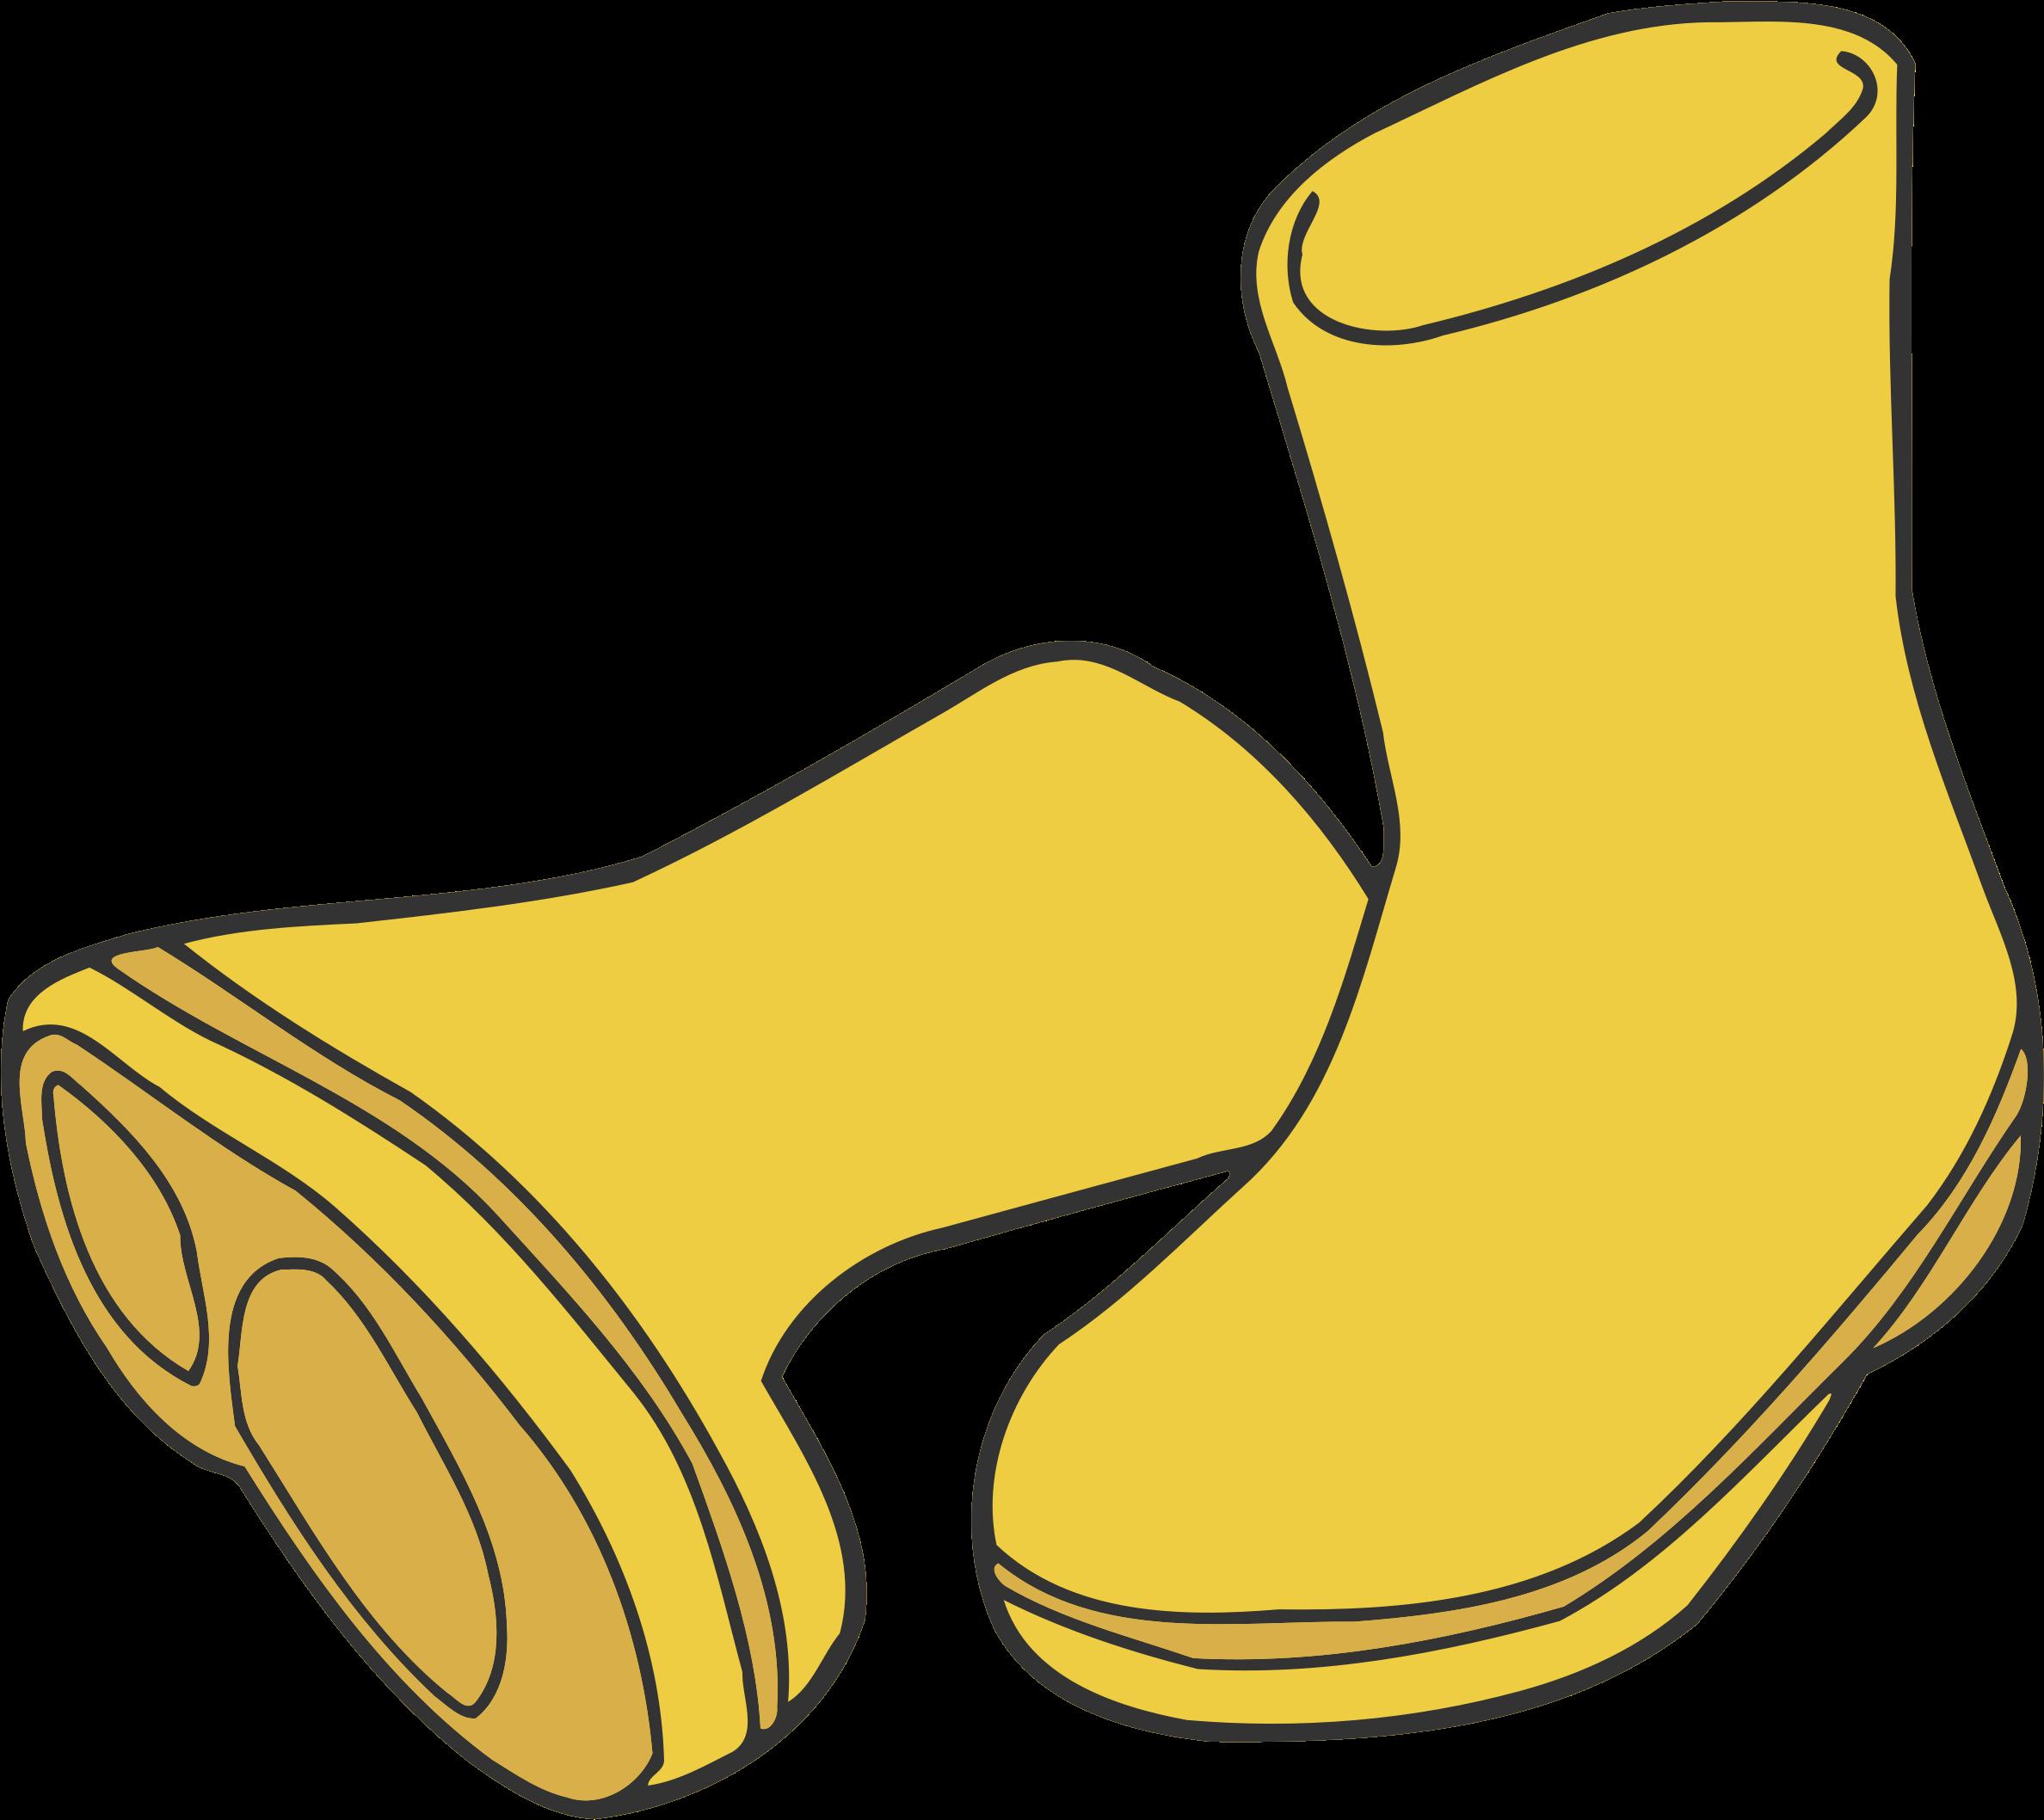 HD Cowboy Boots Clipart Free Download Clip Art.